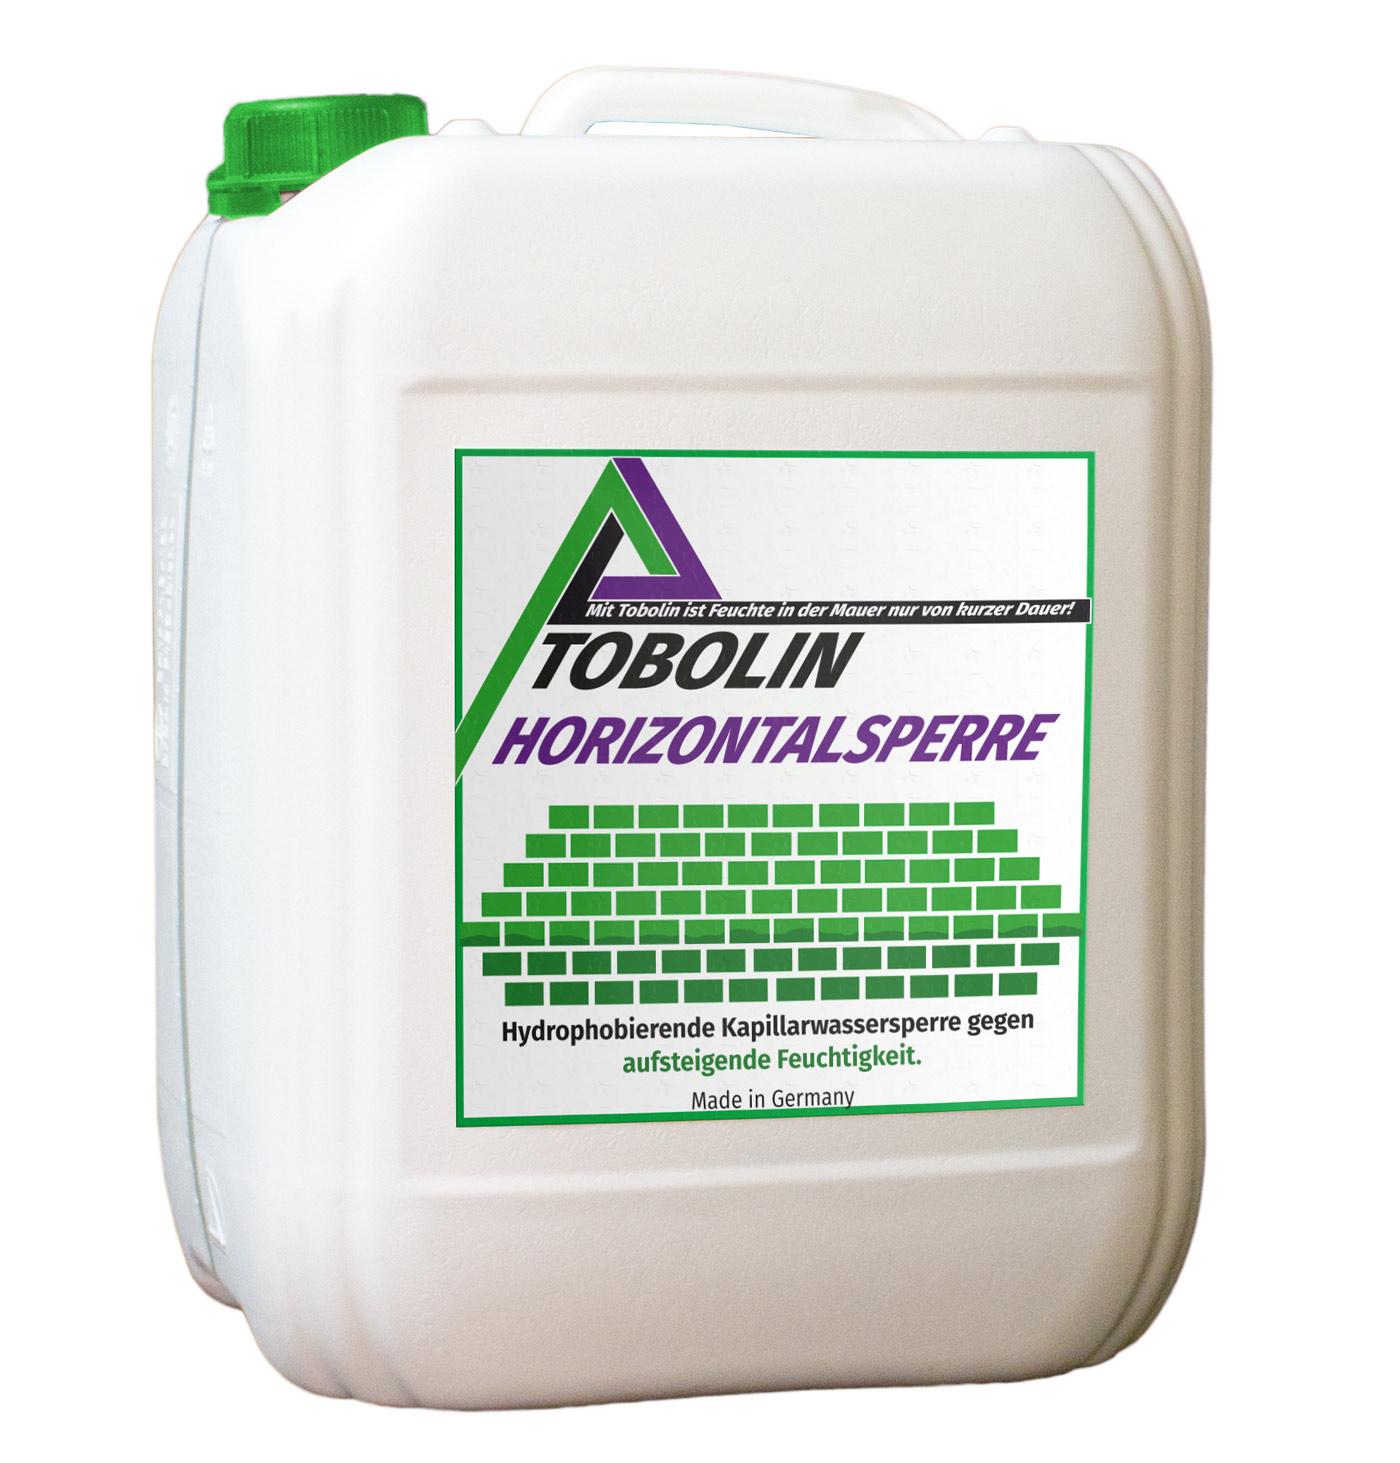 tobolin-kanister-5000ml-produktbild-freigestellt